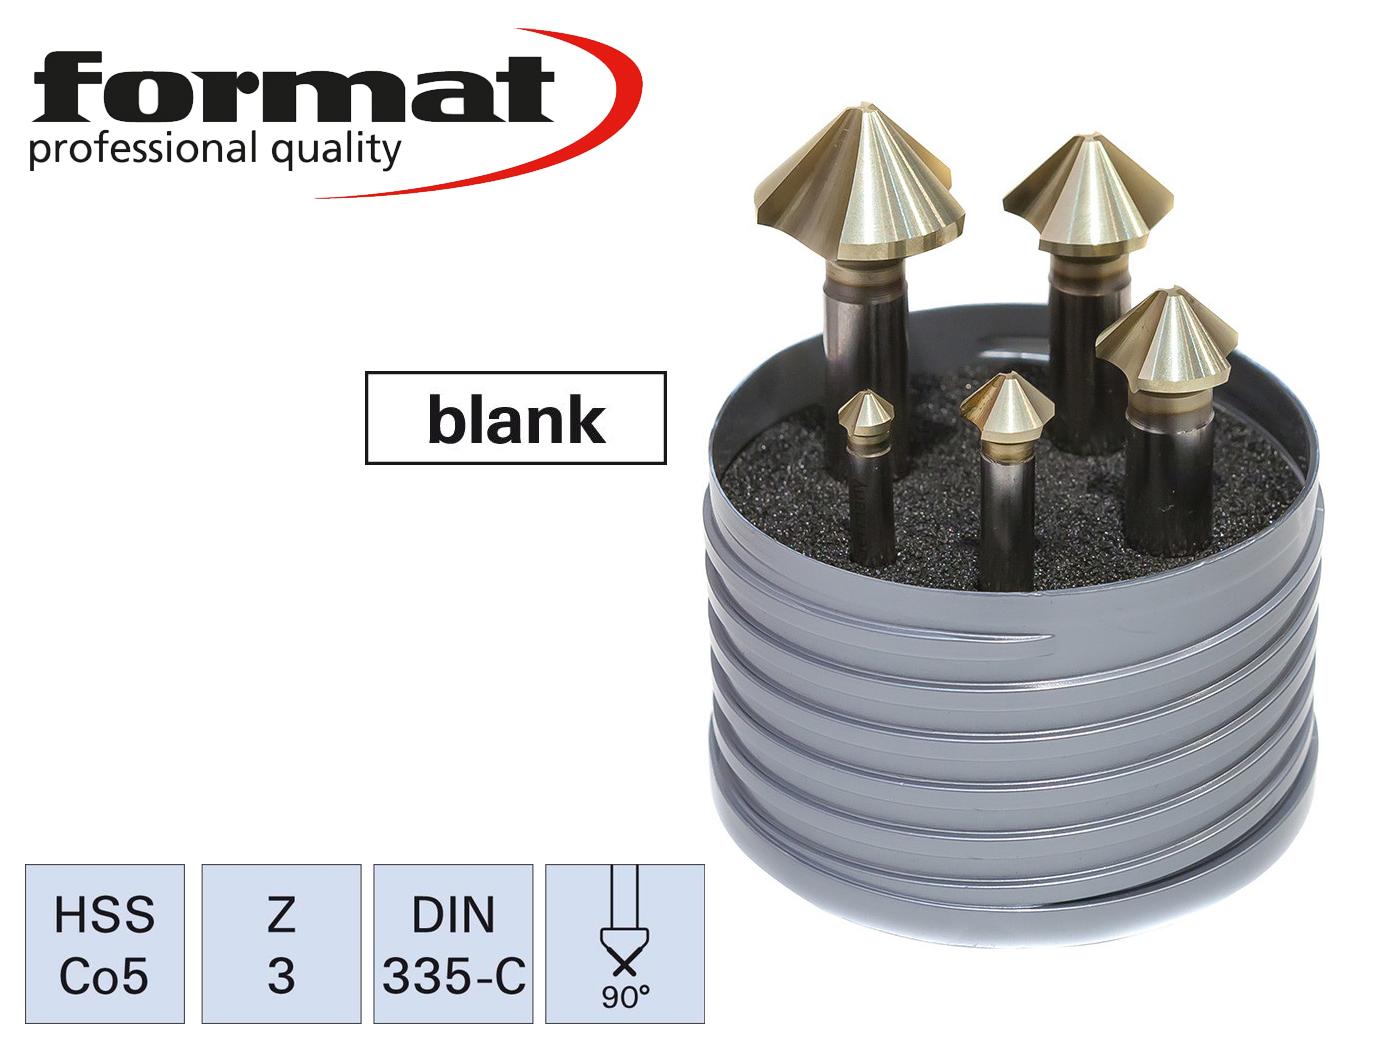 verzinkboor ongelijk verdeeld set DIN335 C 90G | DKMTools - DKM Tools